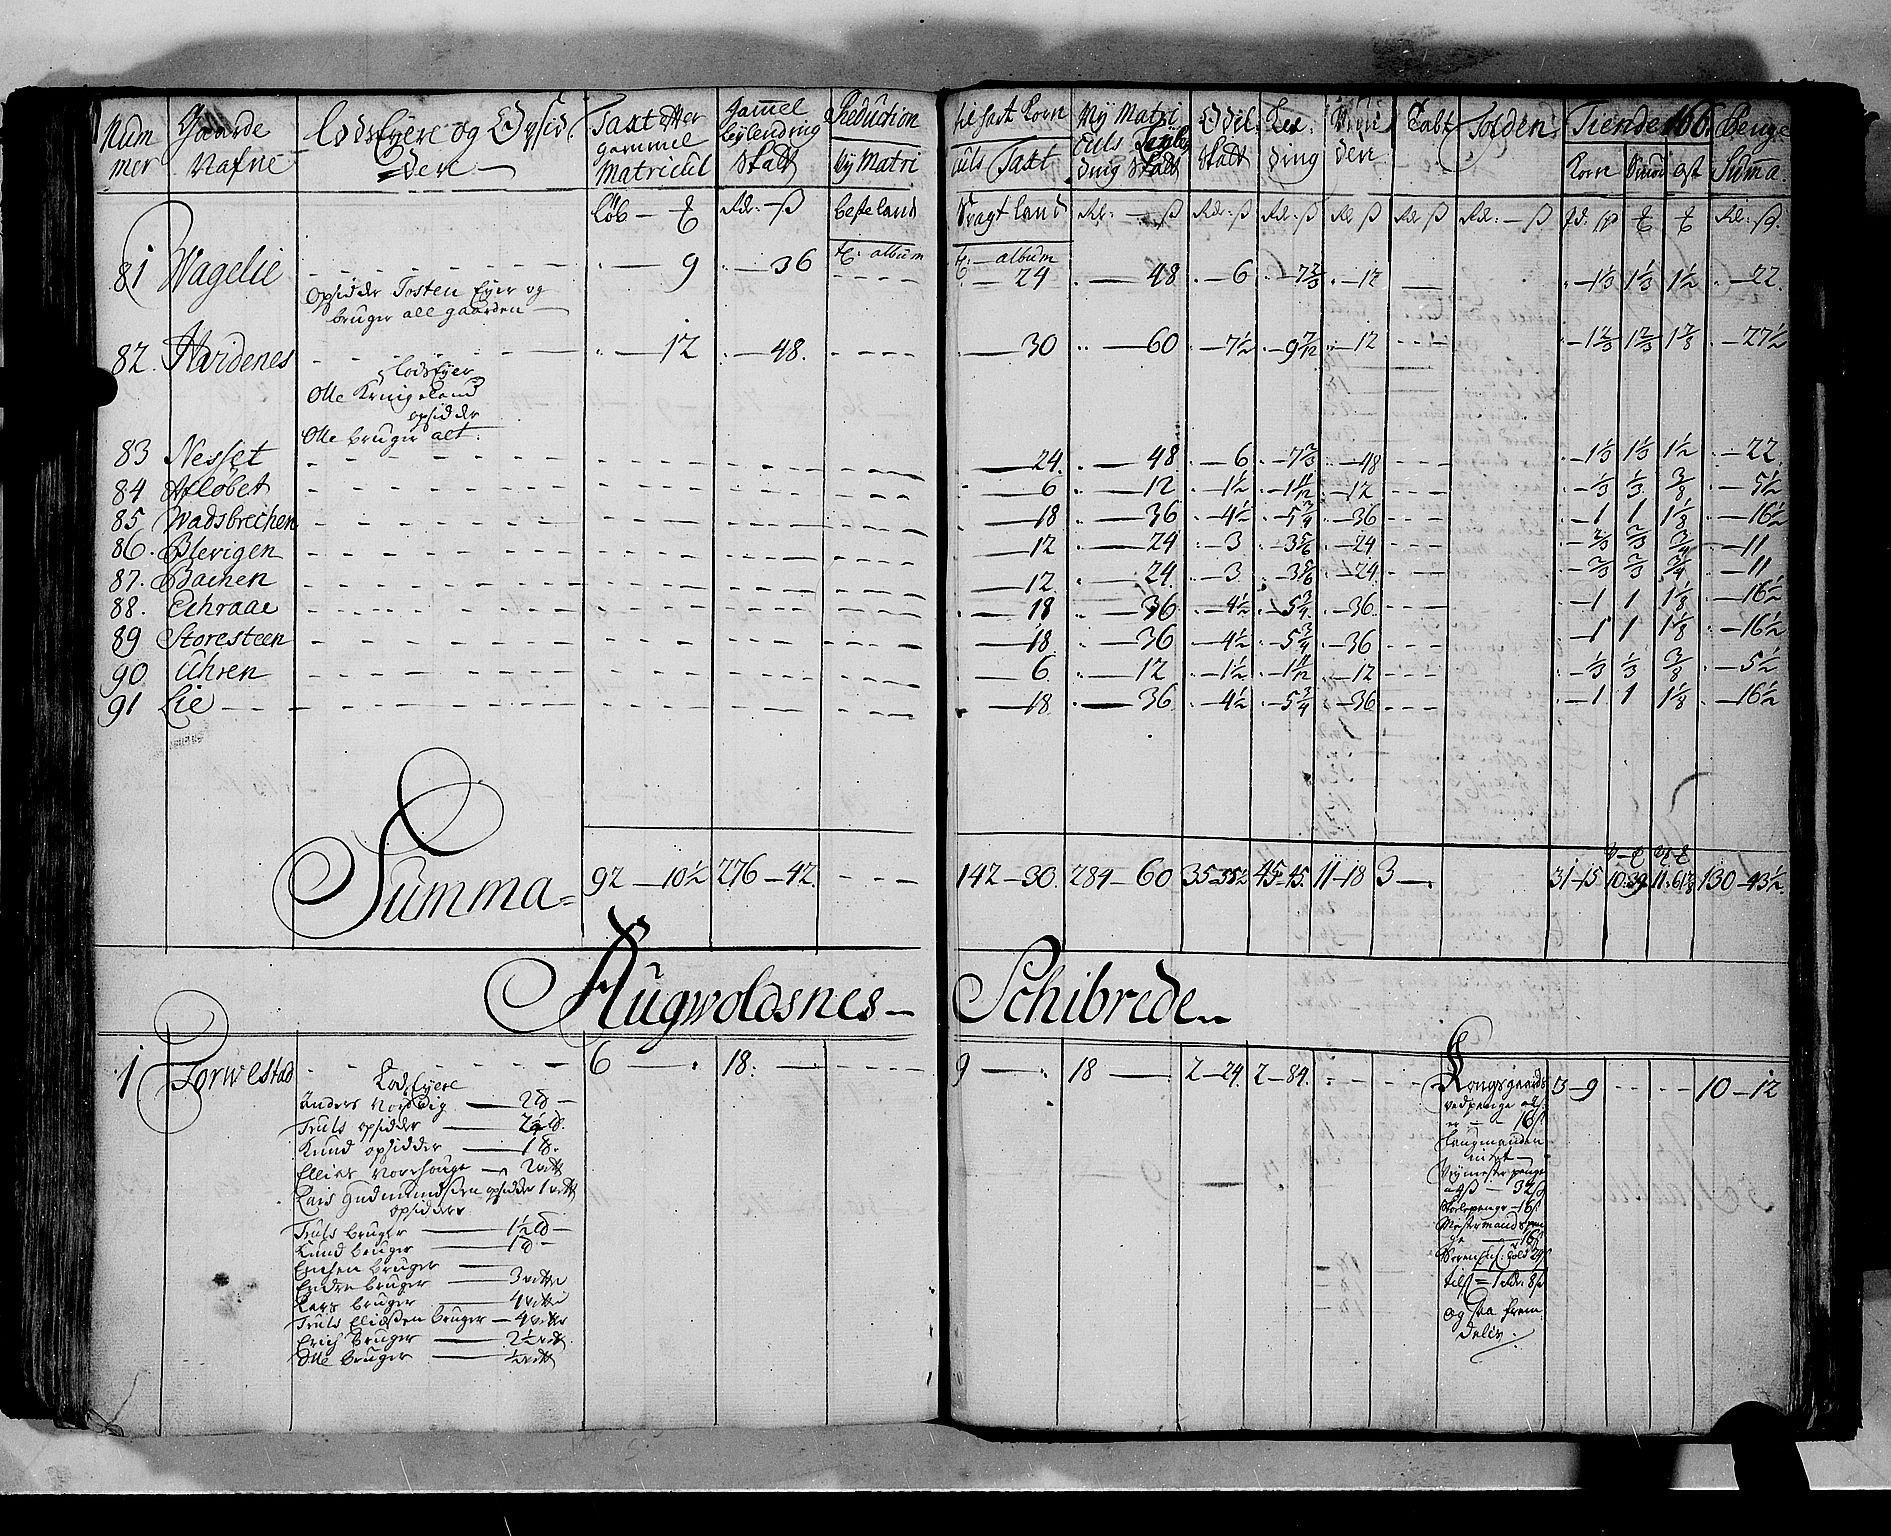 RA, Rentekammeret inntil 1814, Realistisk ordnet avdeling, N/Nb/Nbf/L0133b: Ryfylke matrikkelprotokoll, 1723, s. 165b-166a